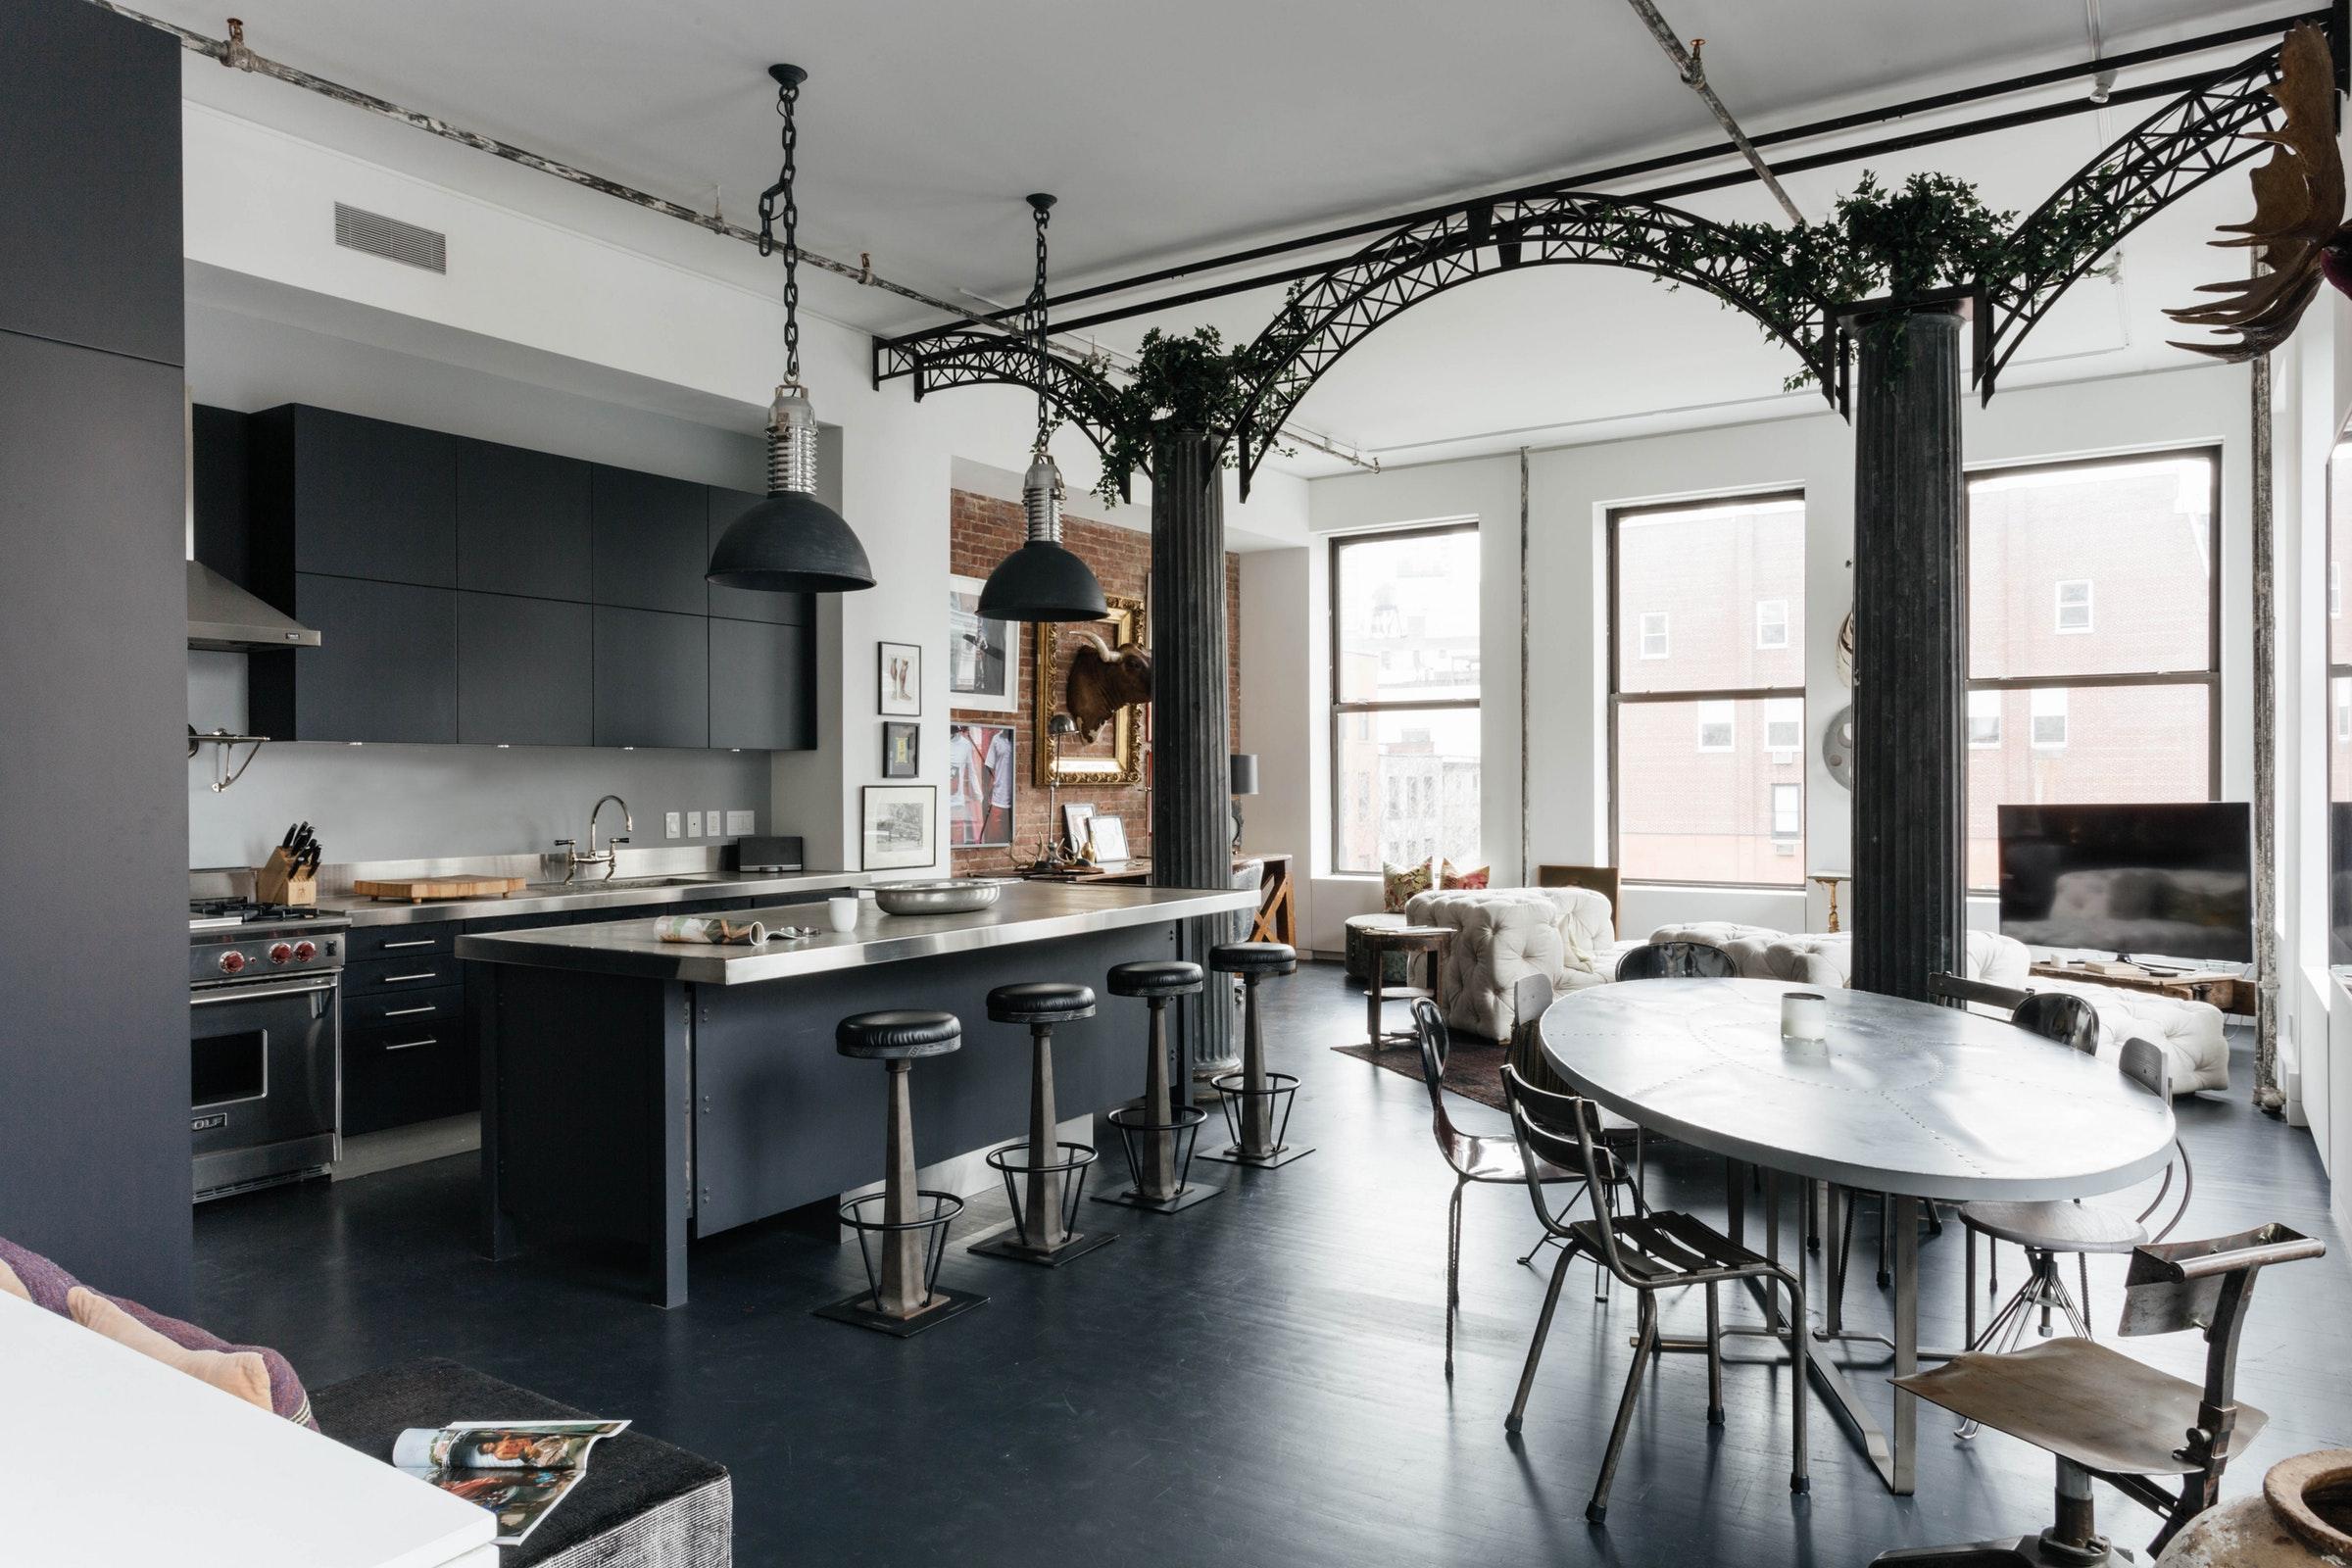 высокий потолок темная кухня кухонный остров